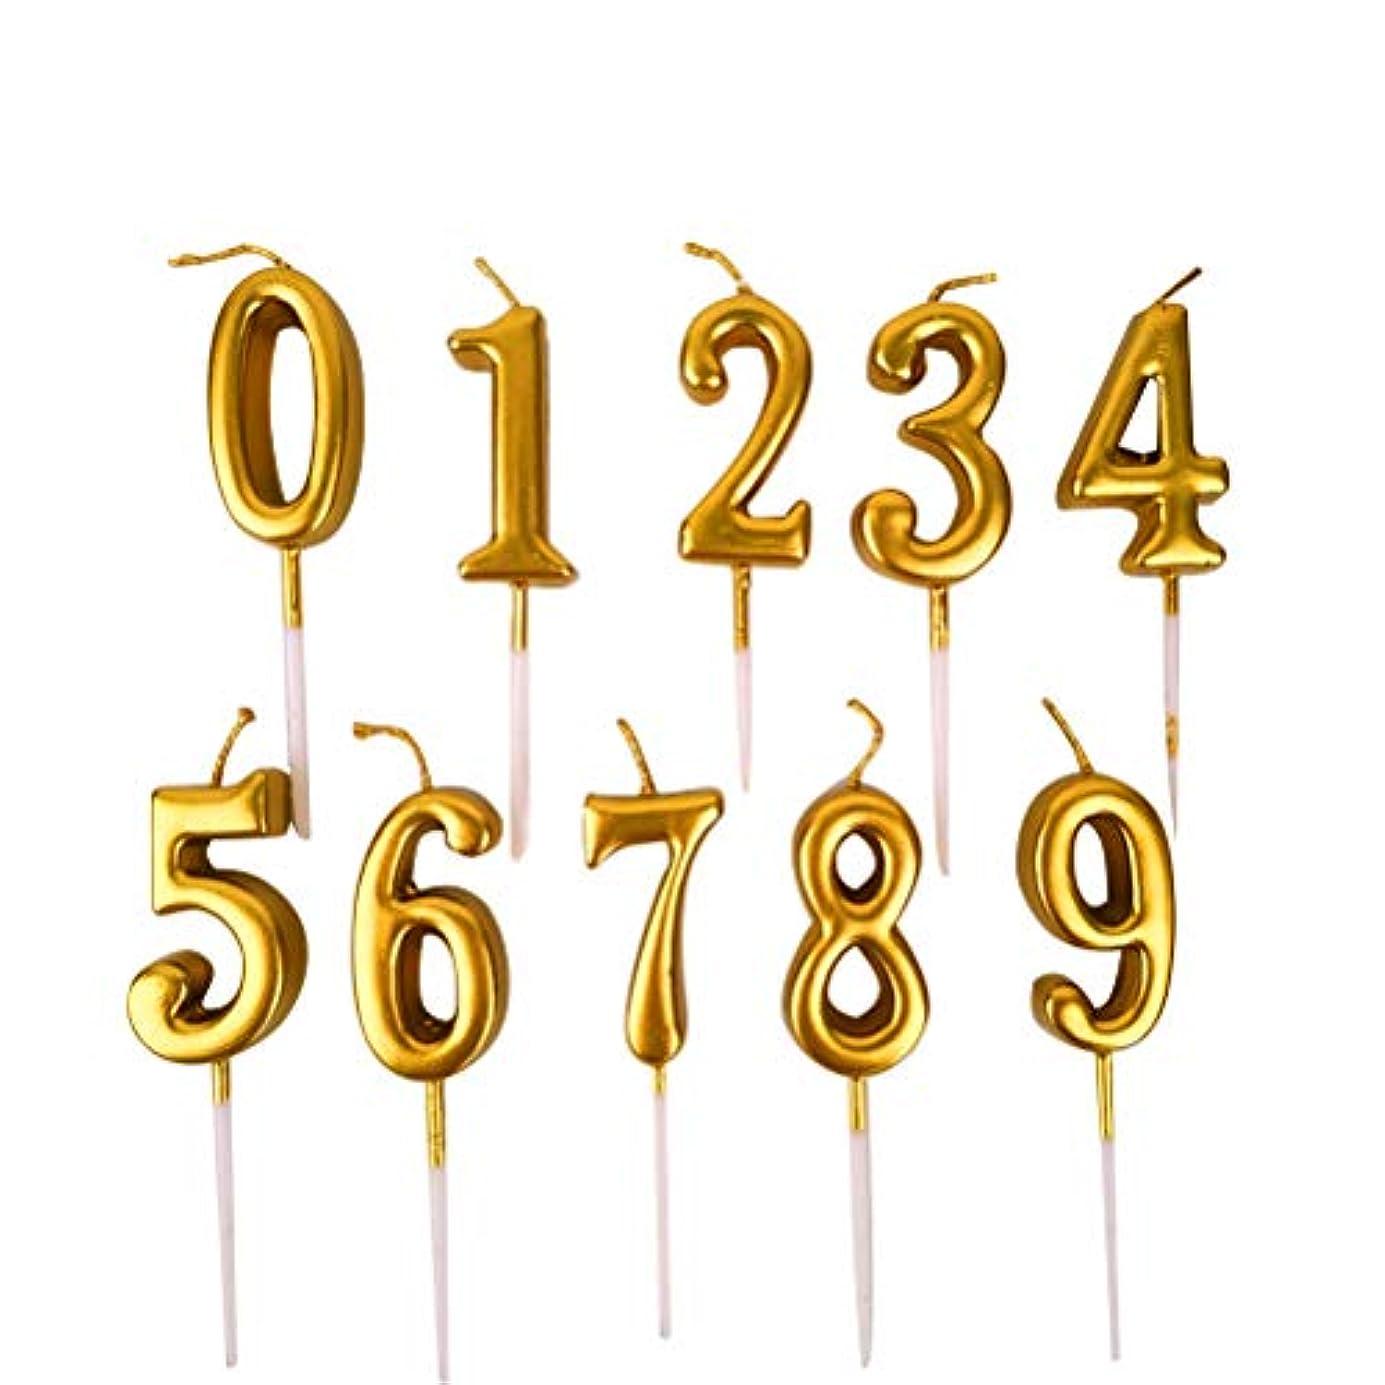 つづりご近所キャンプNUOBESTY 誕生日数字キャンドル、10ピース番号0-9グリッターケーキトッパー装飾用誕生日パーティーの好意